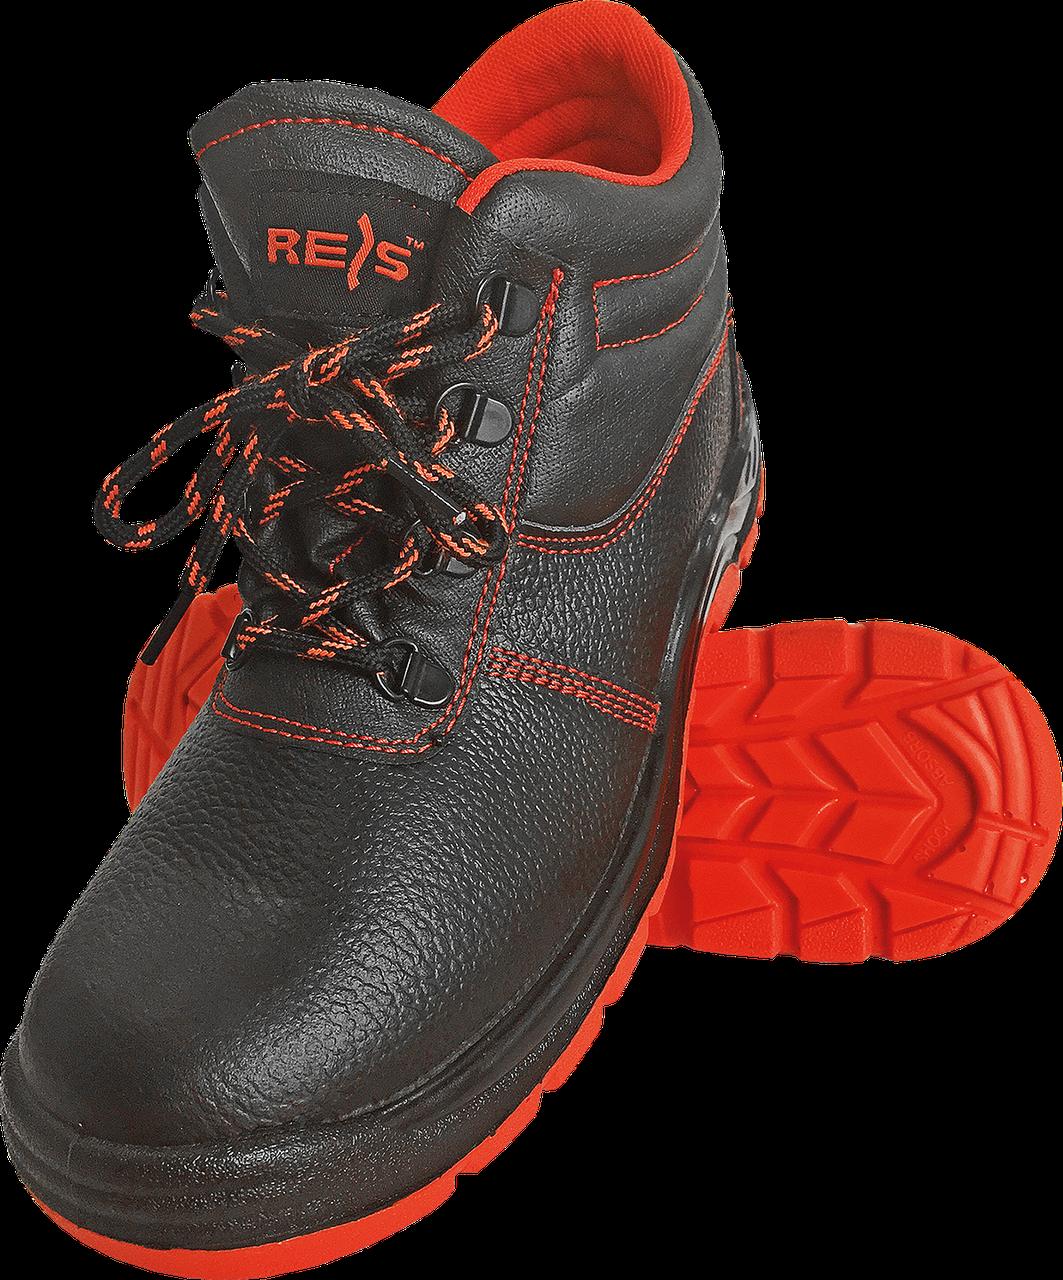 Ботинки BRYESK-T-SB BC c металлическим подноском. REIS